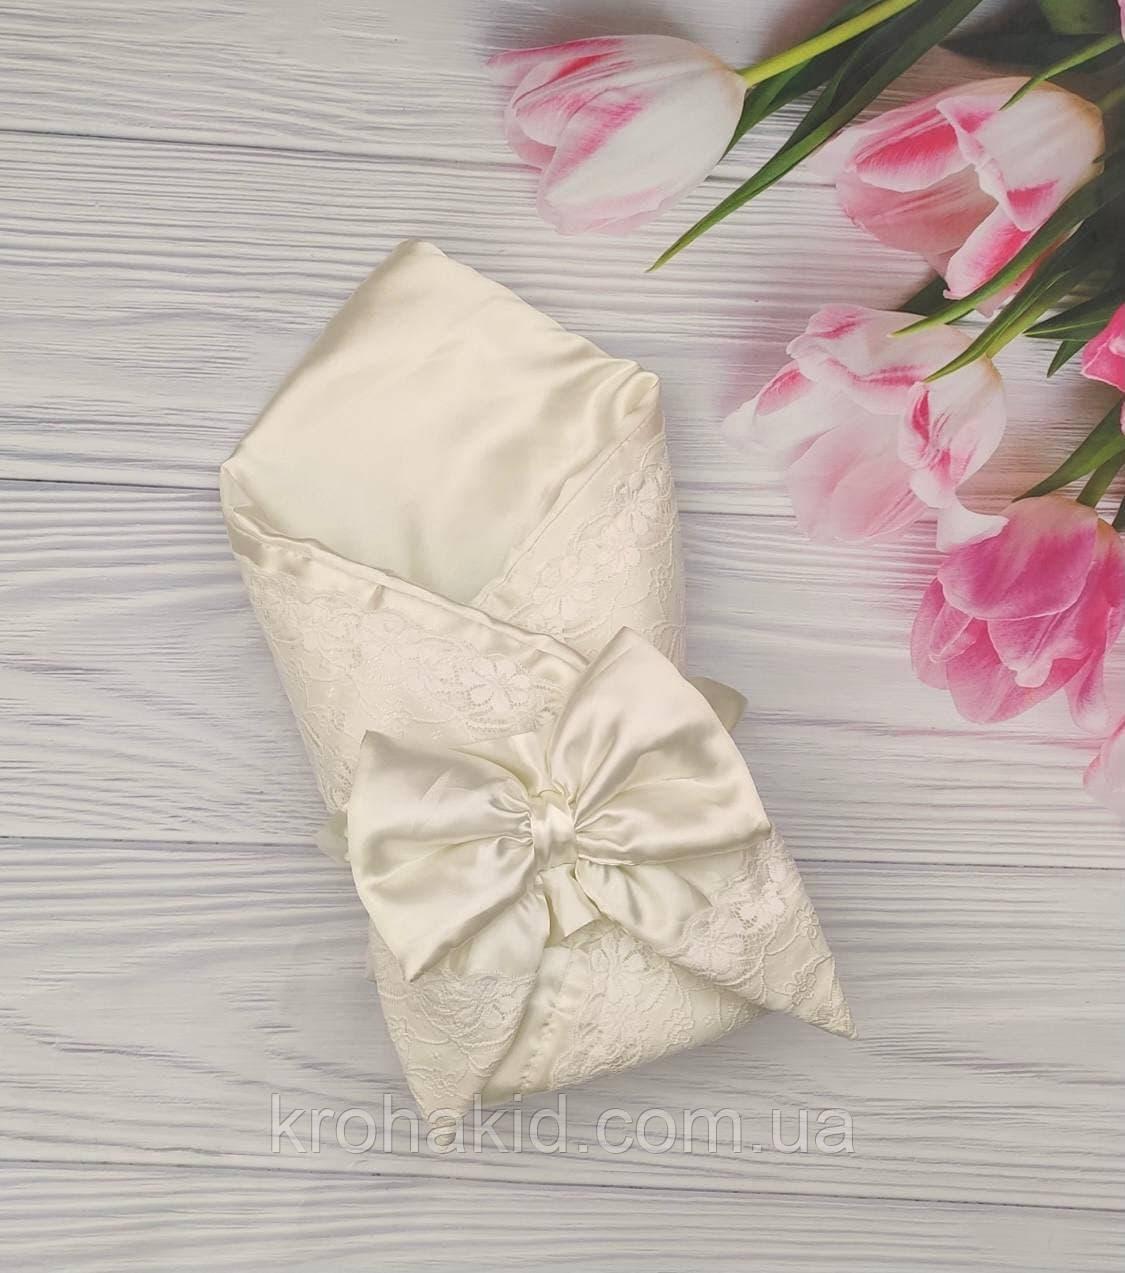 Дитячий демісезонний конверт на виписку, конверт-ковдру (ВЕСНА/ ЛІТО), конверт-ковдру для новонародженого